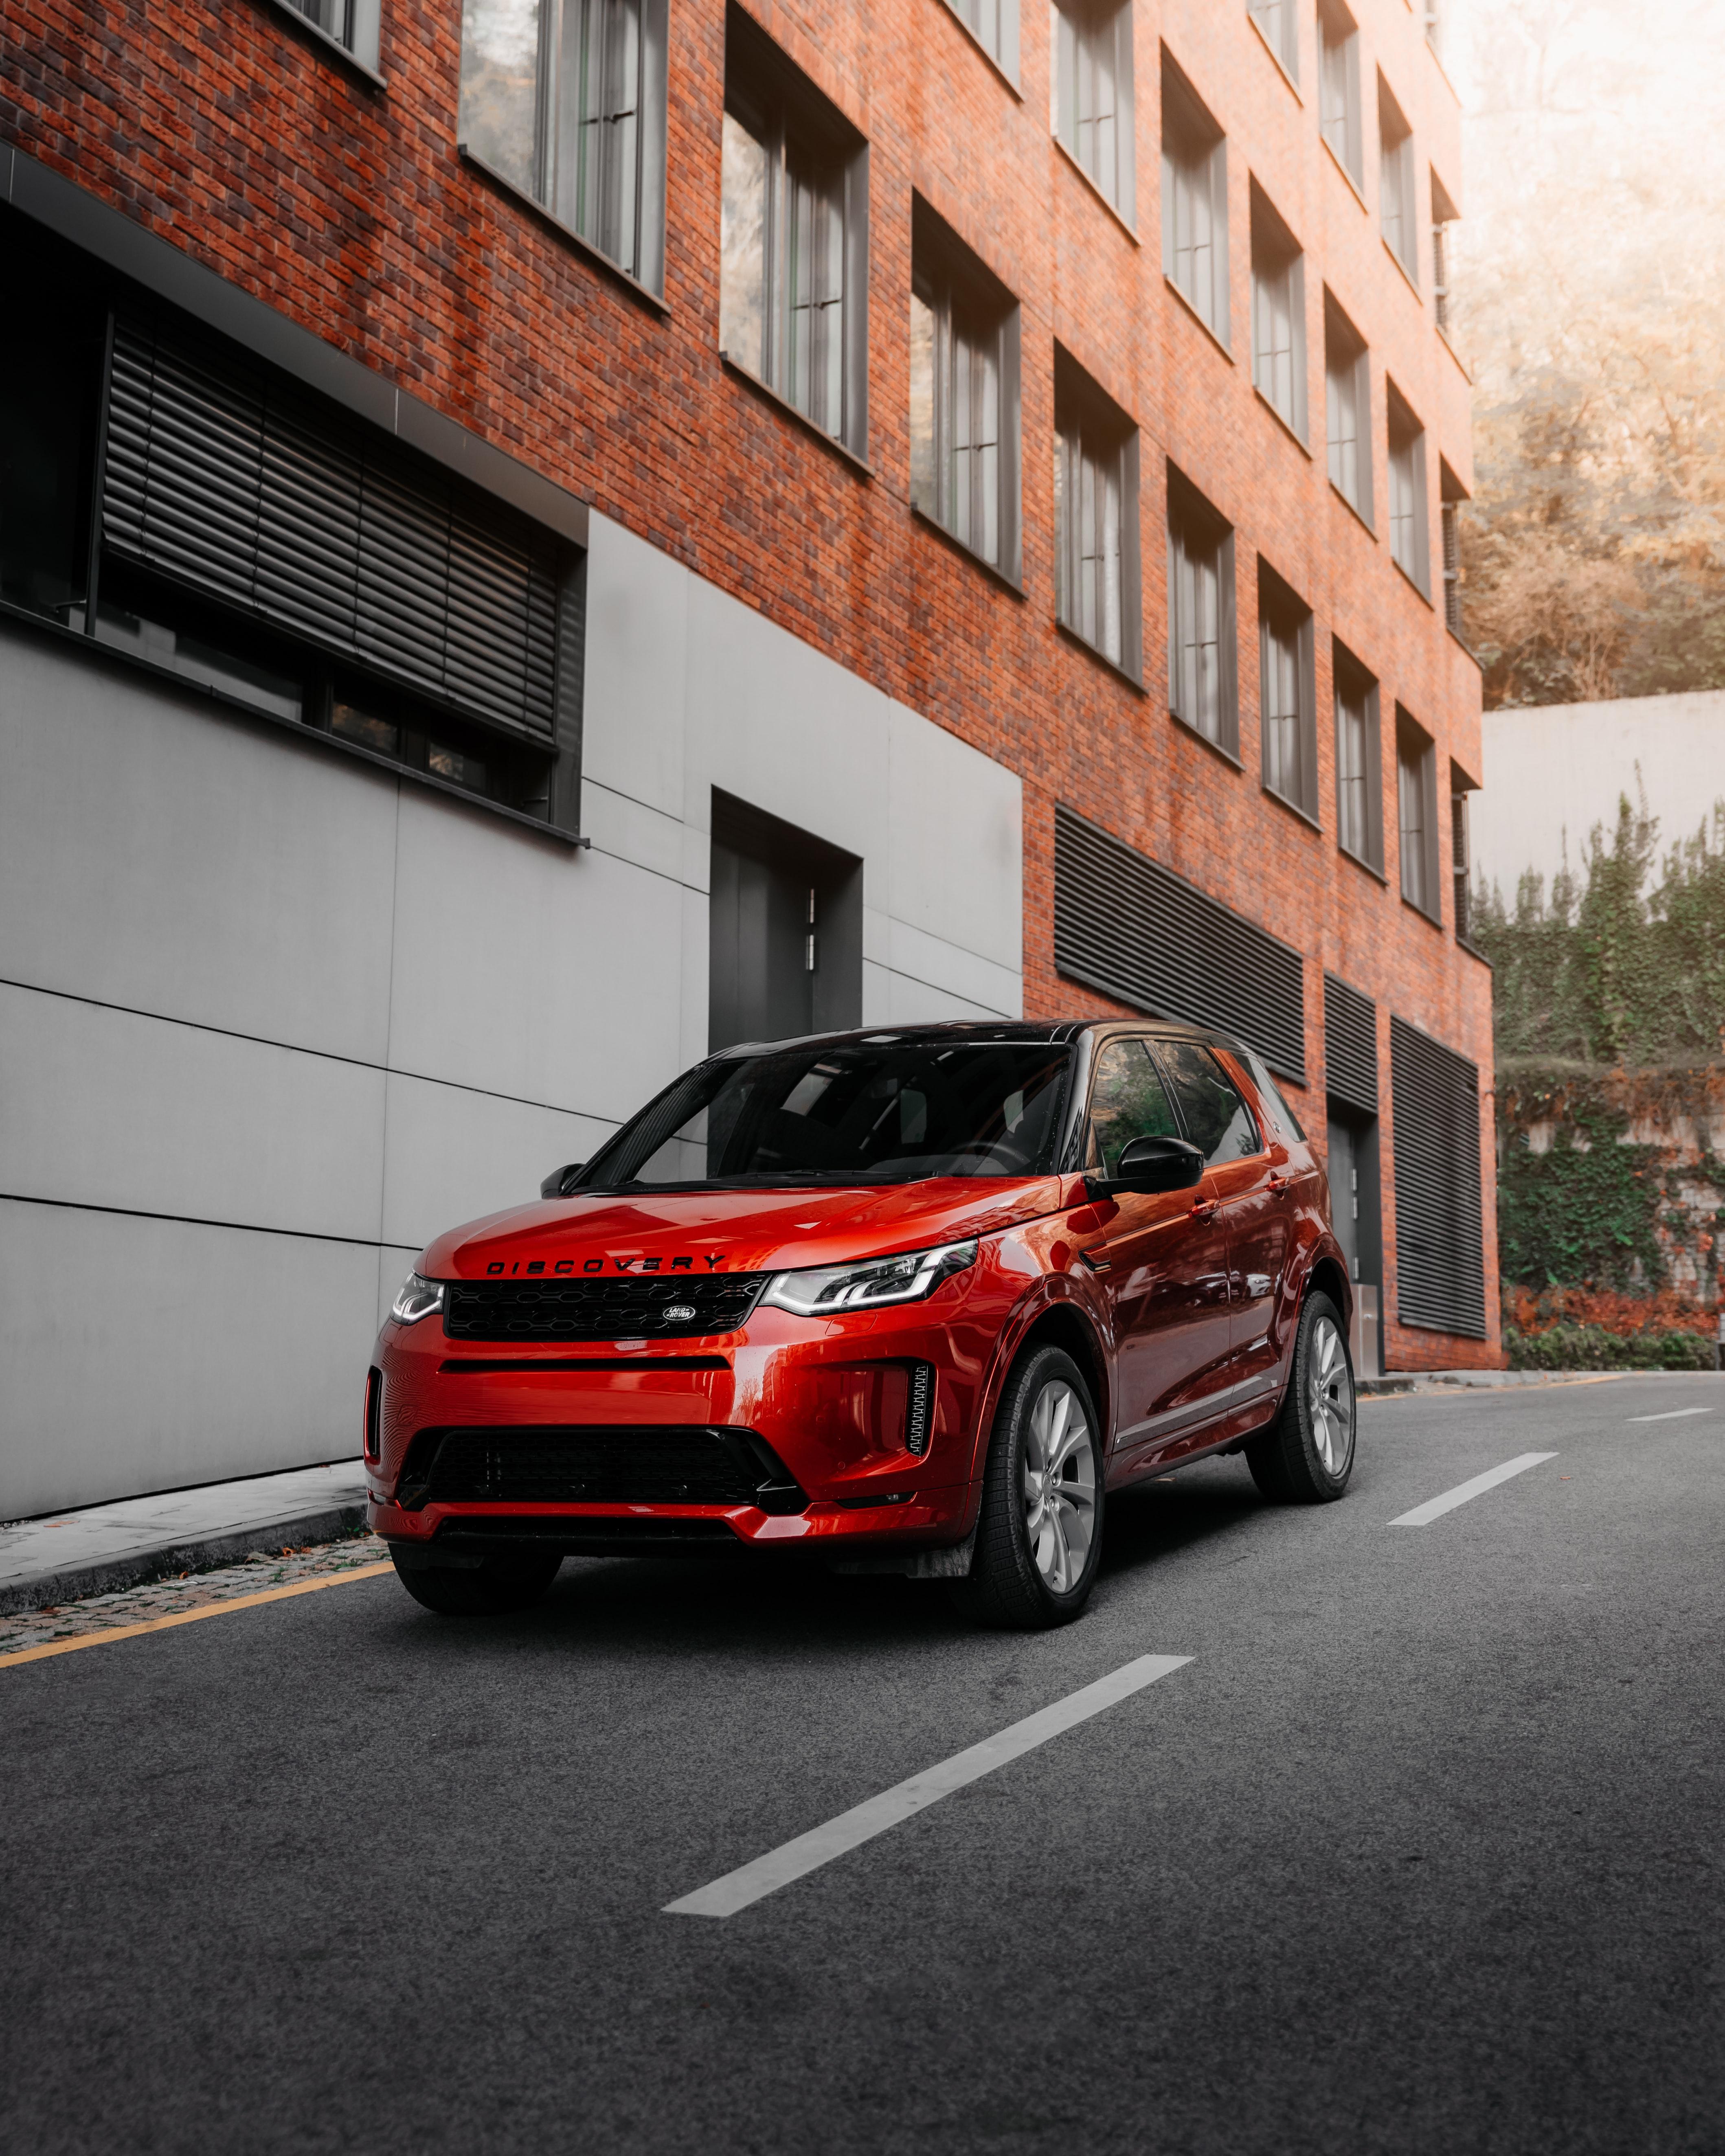 59335 завантажити шпалери Ленд Ровер, Тачки, Автомобіль, Позашляховик, Land Rover Discovery, Відкриття Land Rover - заставки і картинки безкоштовно